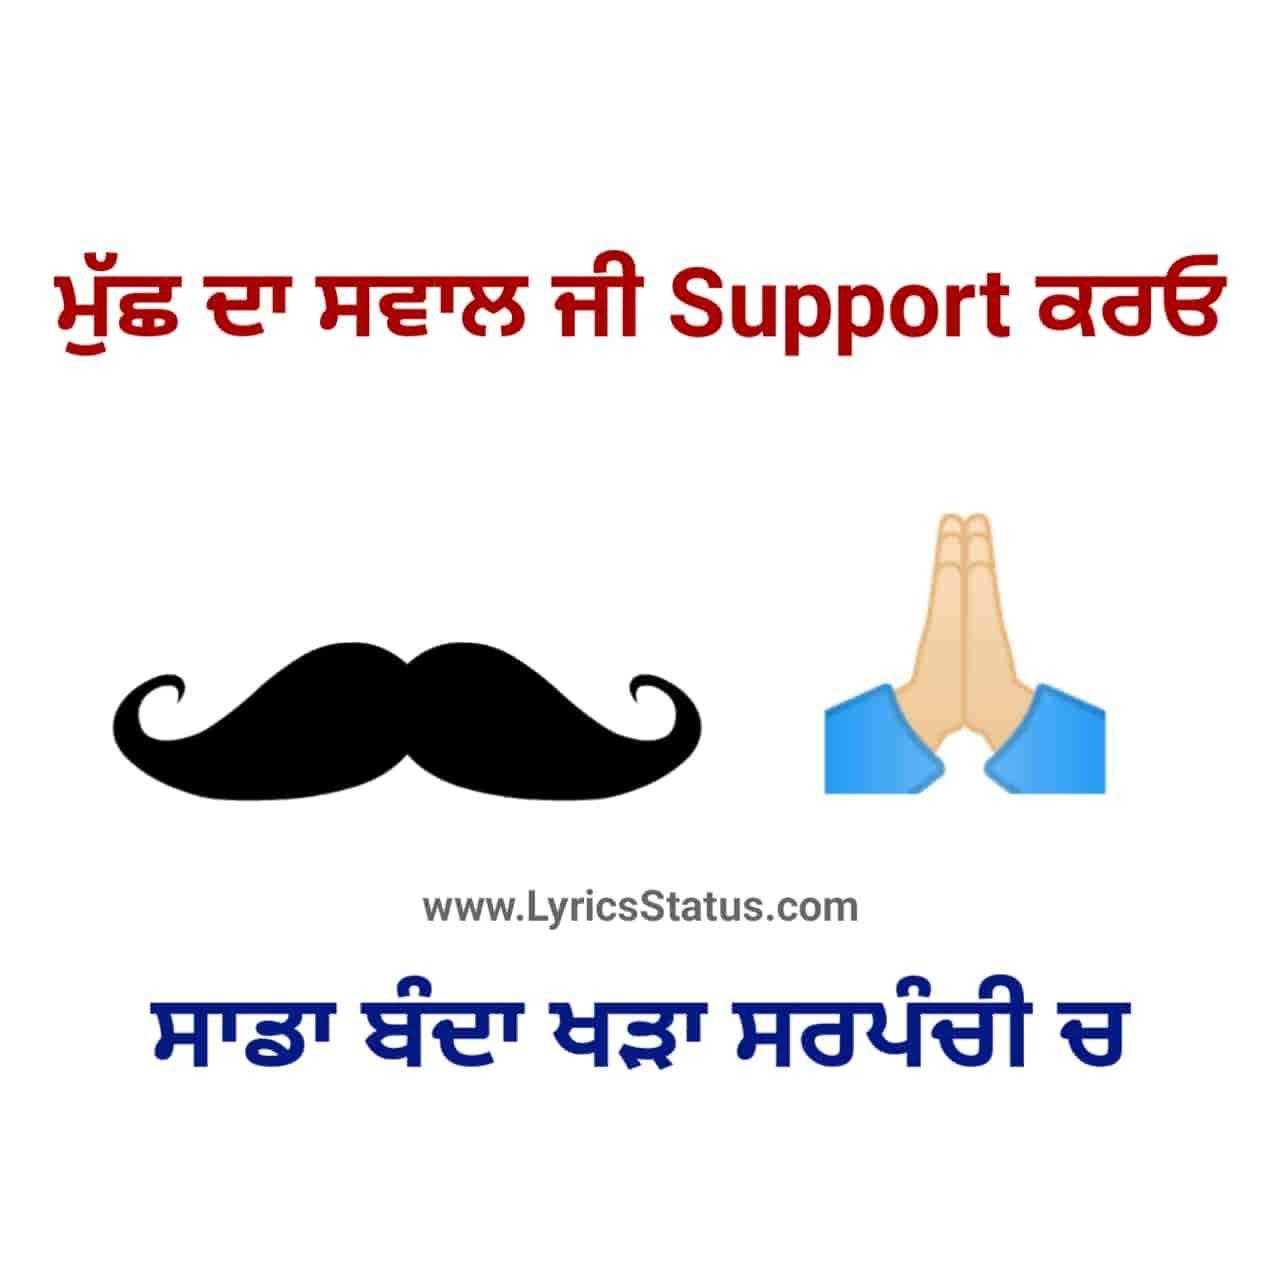 Much da Sawal Ji Sarpanchi song download Lyrics status Muchh da sawal ji support karyo Sada banda khada Sarpanchi ch Asli Sarpanchi Jind Dhaliwal